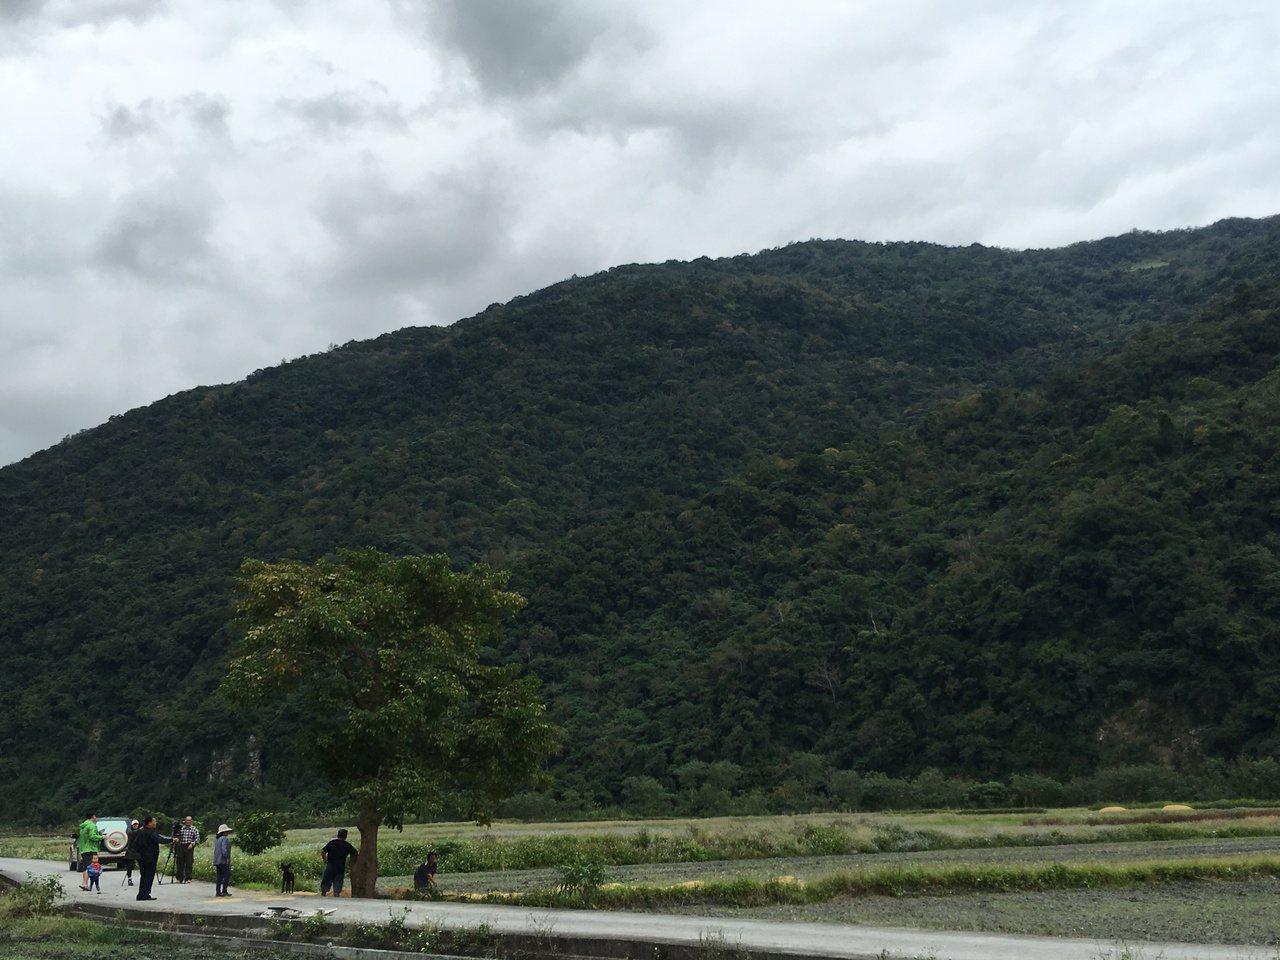 除吸引遊客拍照外,當地農民也常坐在茄苳樹下休息、吃東西。記者陳麗婷/攝影